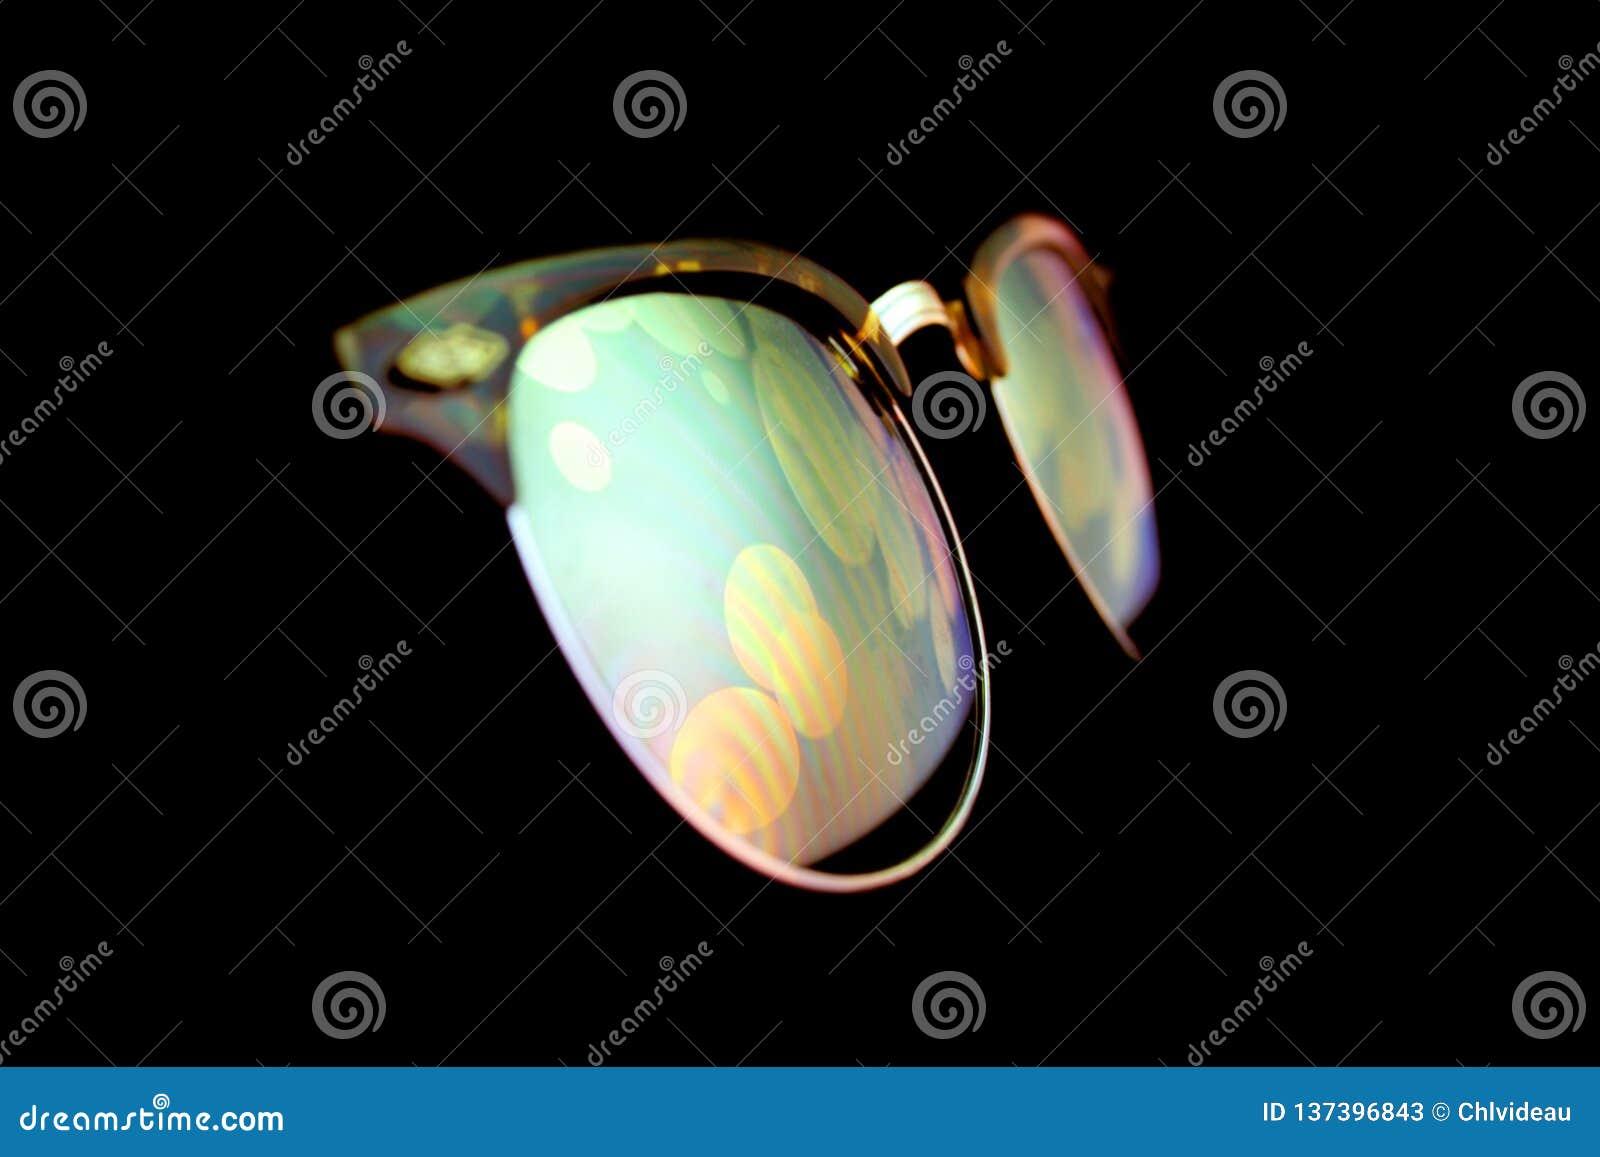 Ganz eigenhändig geschriebe Schirmreflexion auf Sonnenbrille in der Nacht